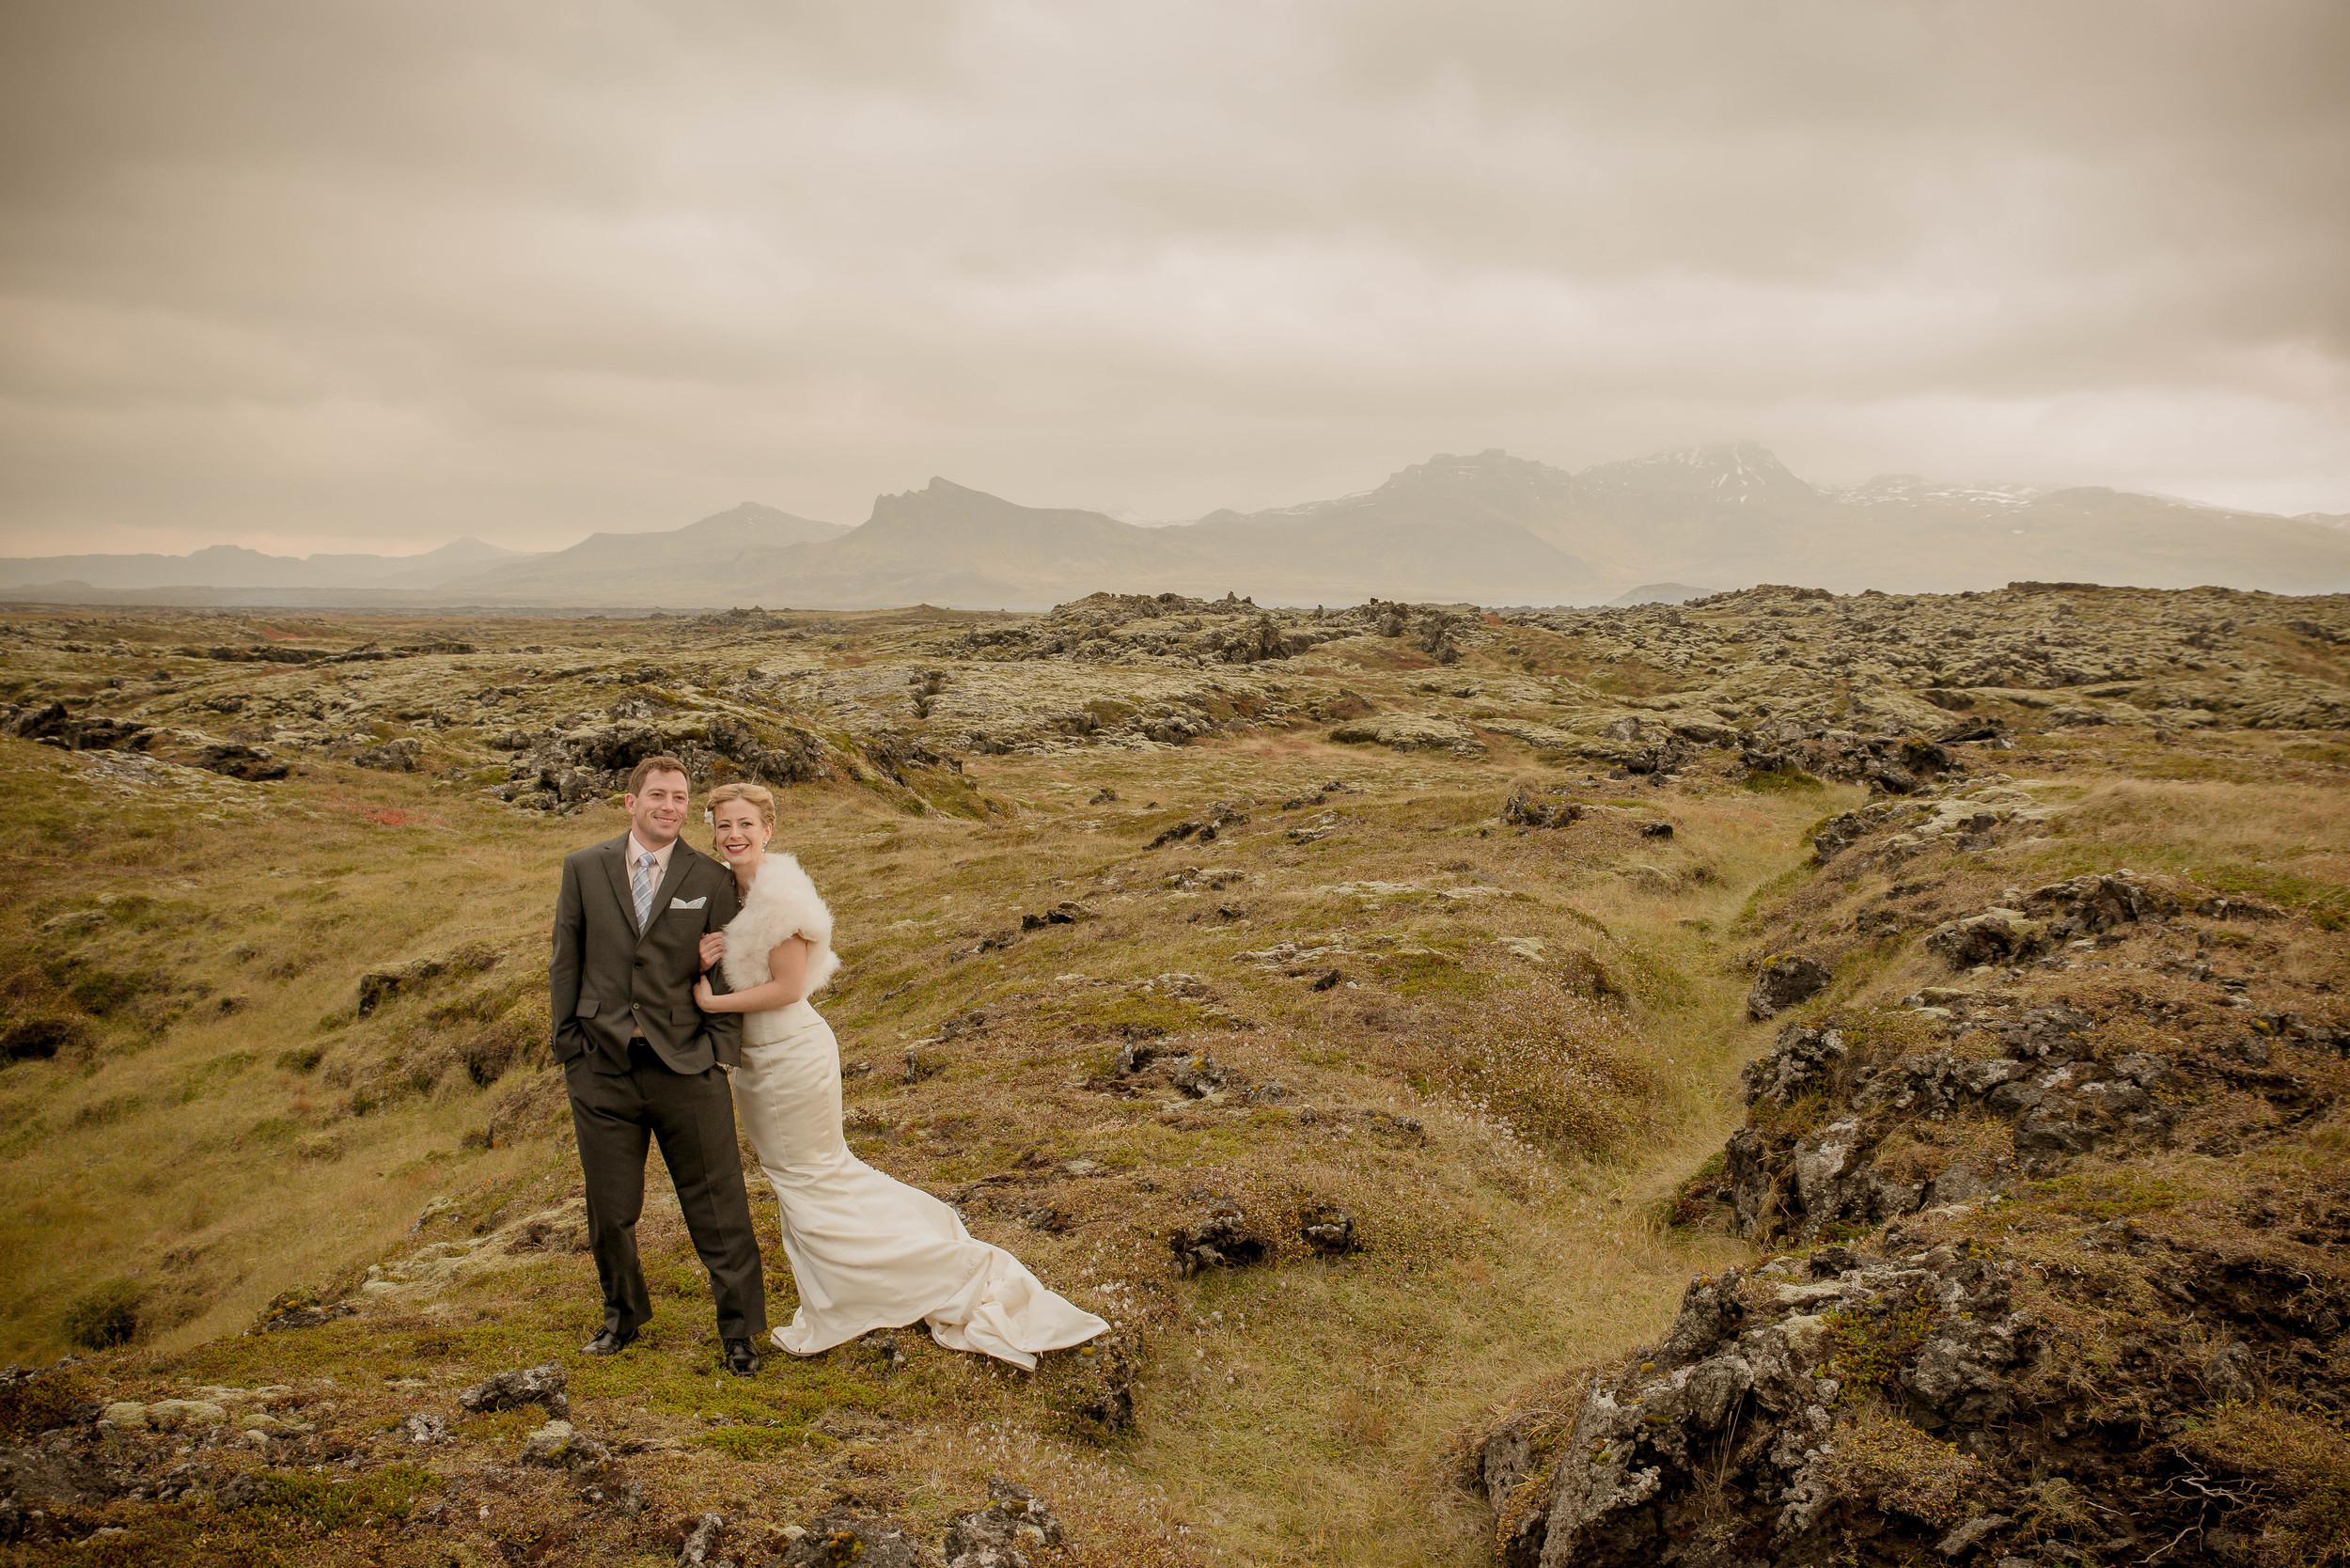 Iceland-Wedding-Photographer-Photos-by-Miss-Ann-33.jpg